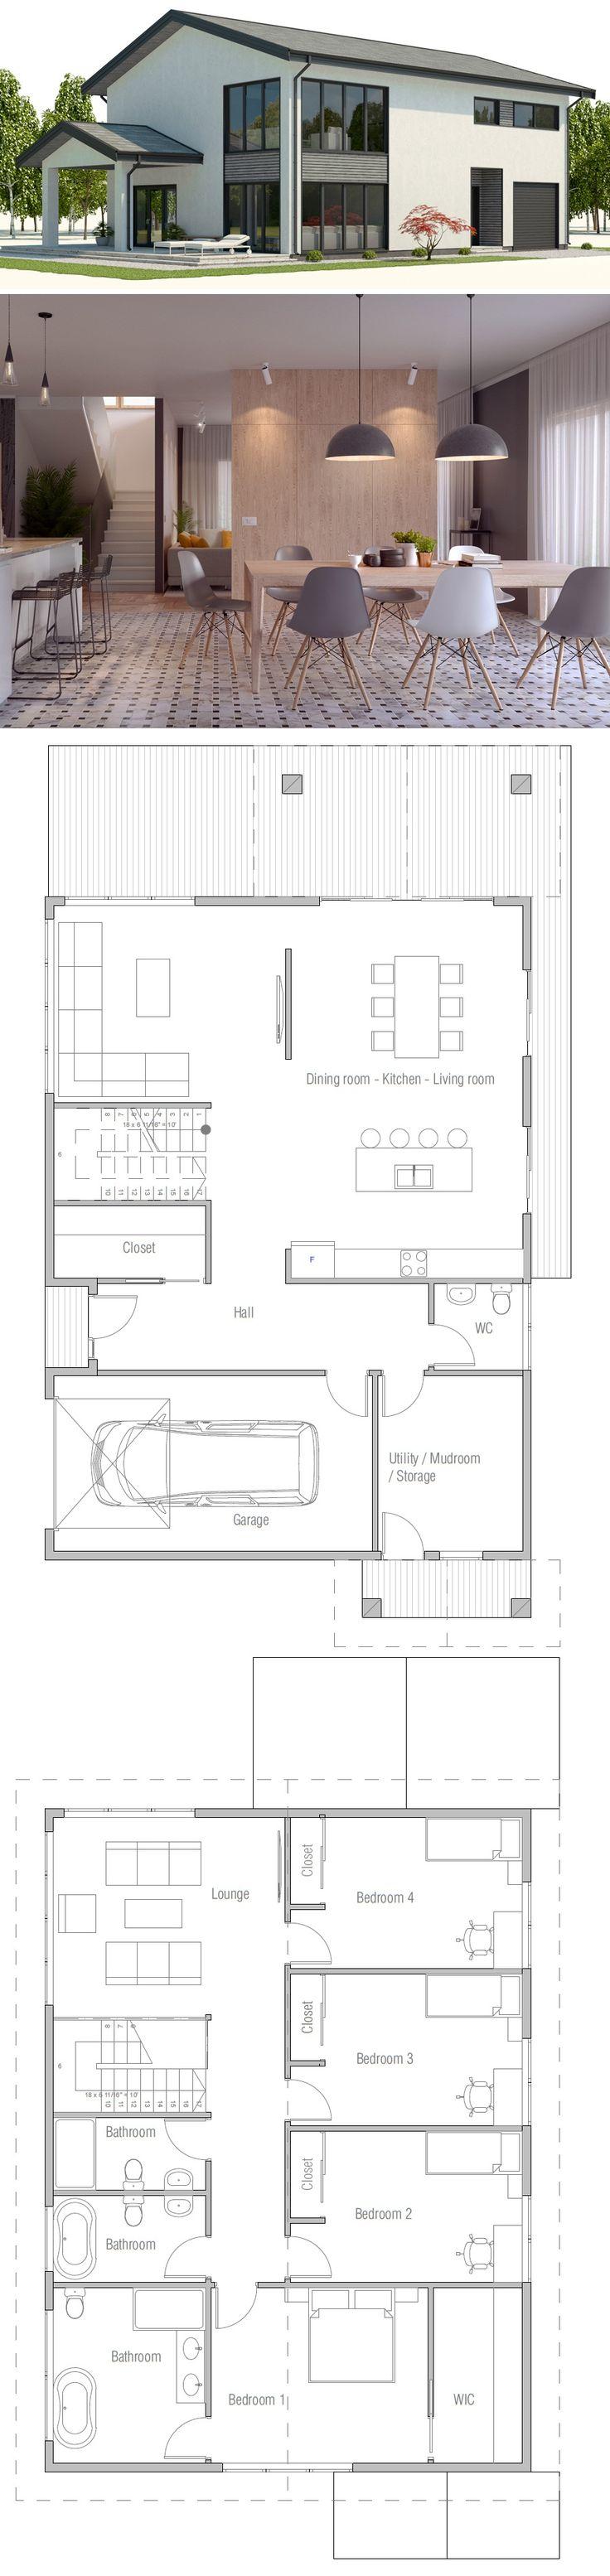 Exceptionnel Les 25 meilleures idées de la catégorie Plans de maison sur  IF84